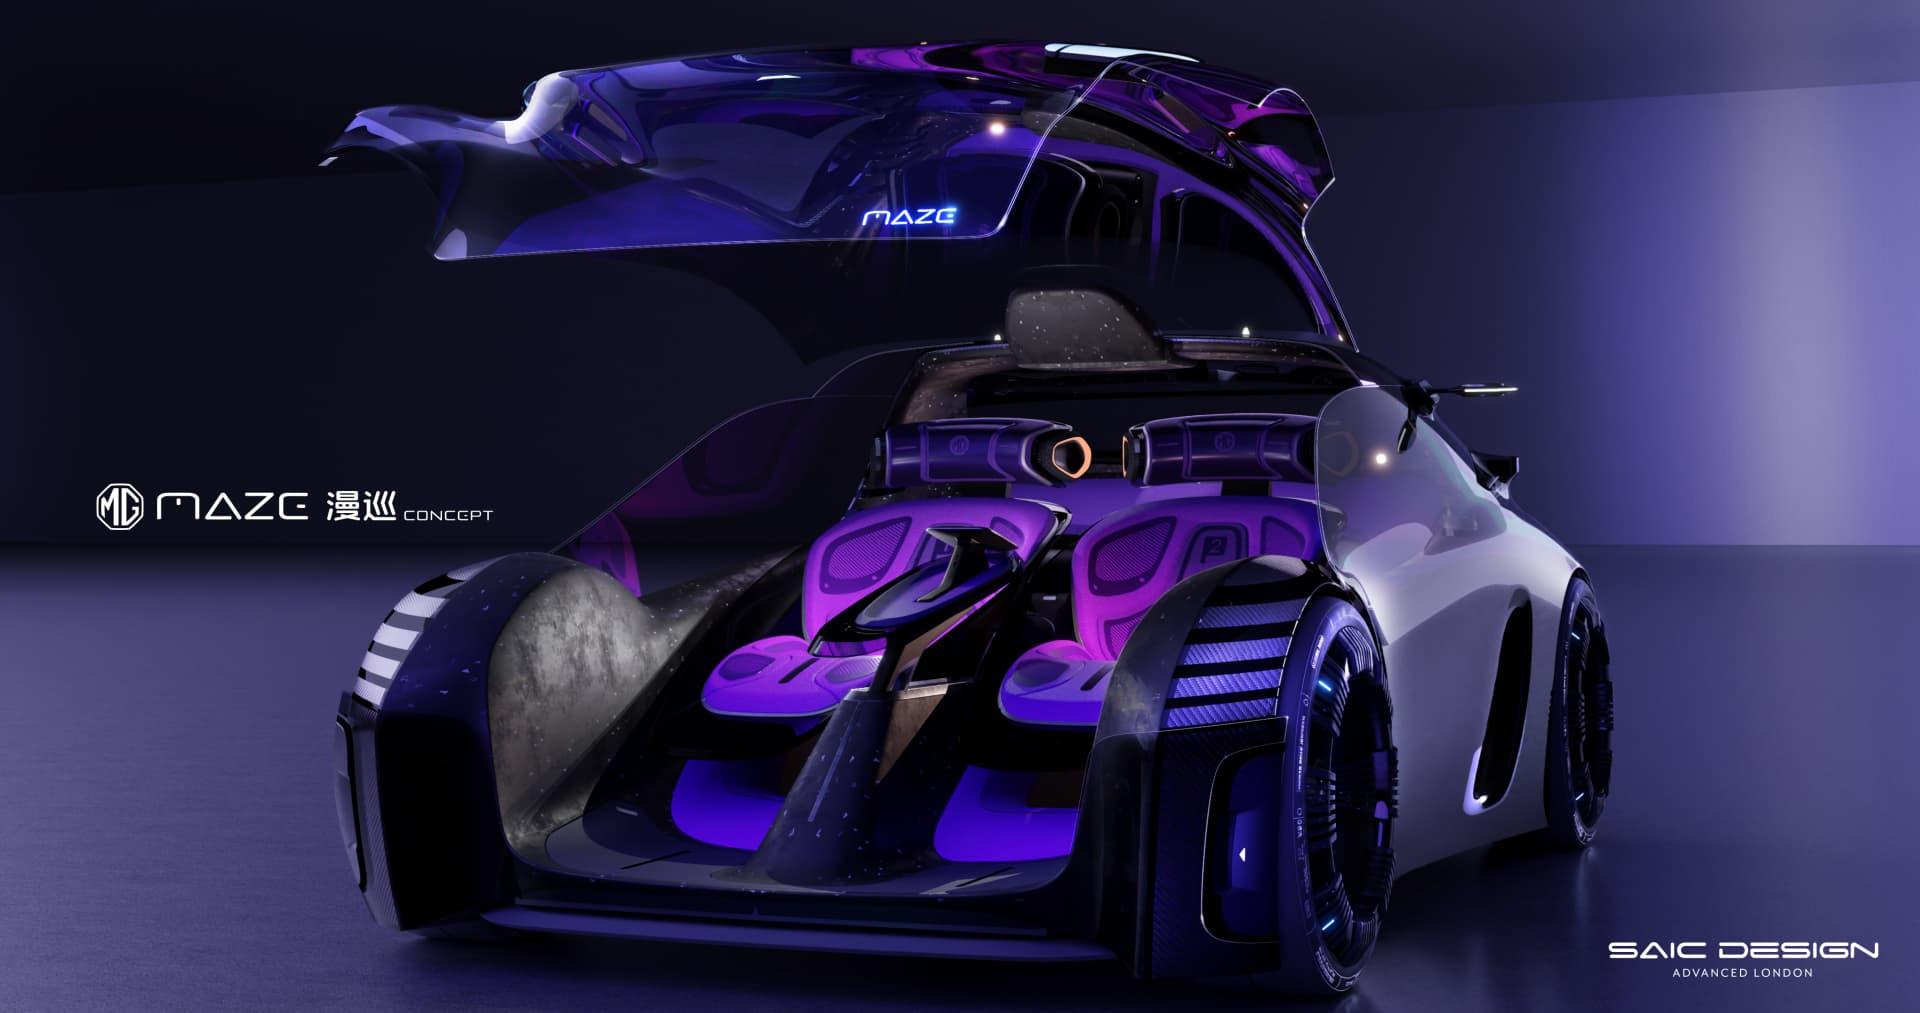 Mg Maze Concept 04